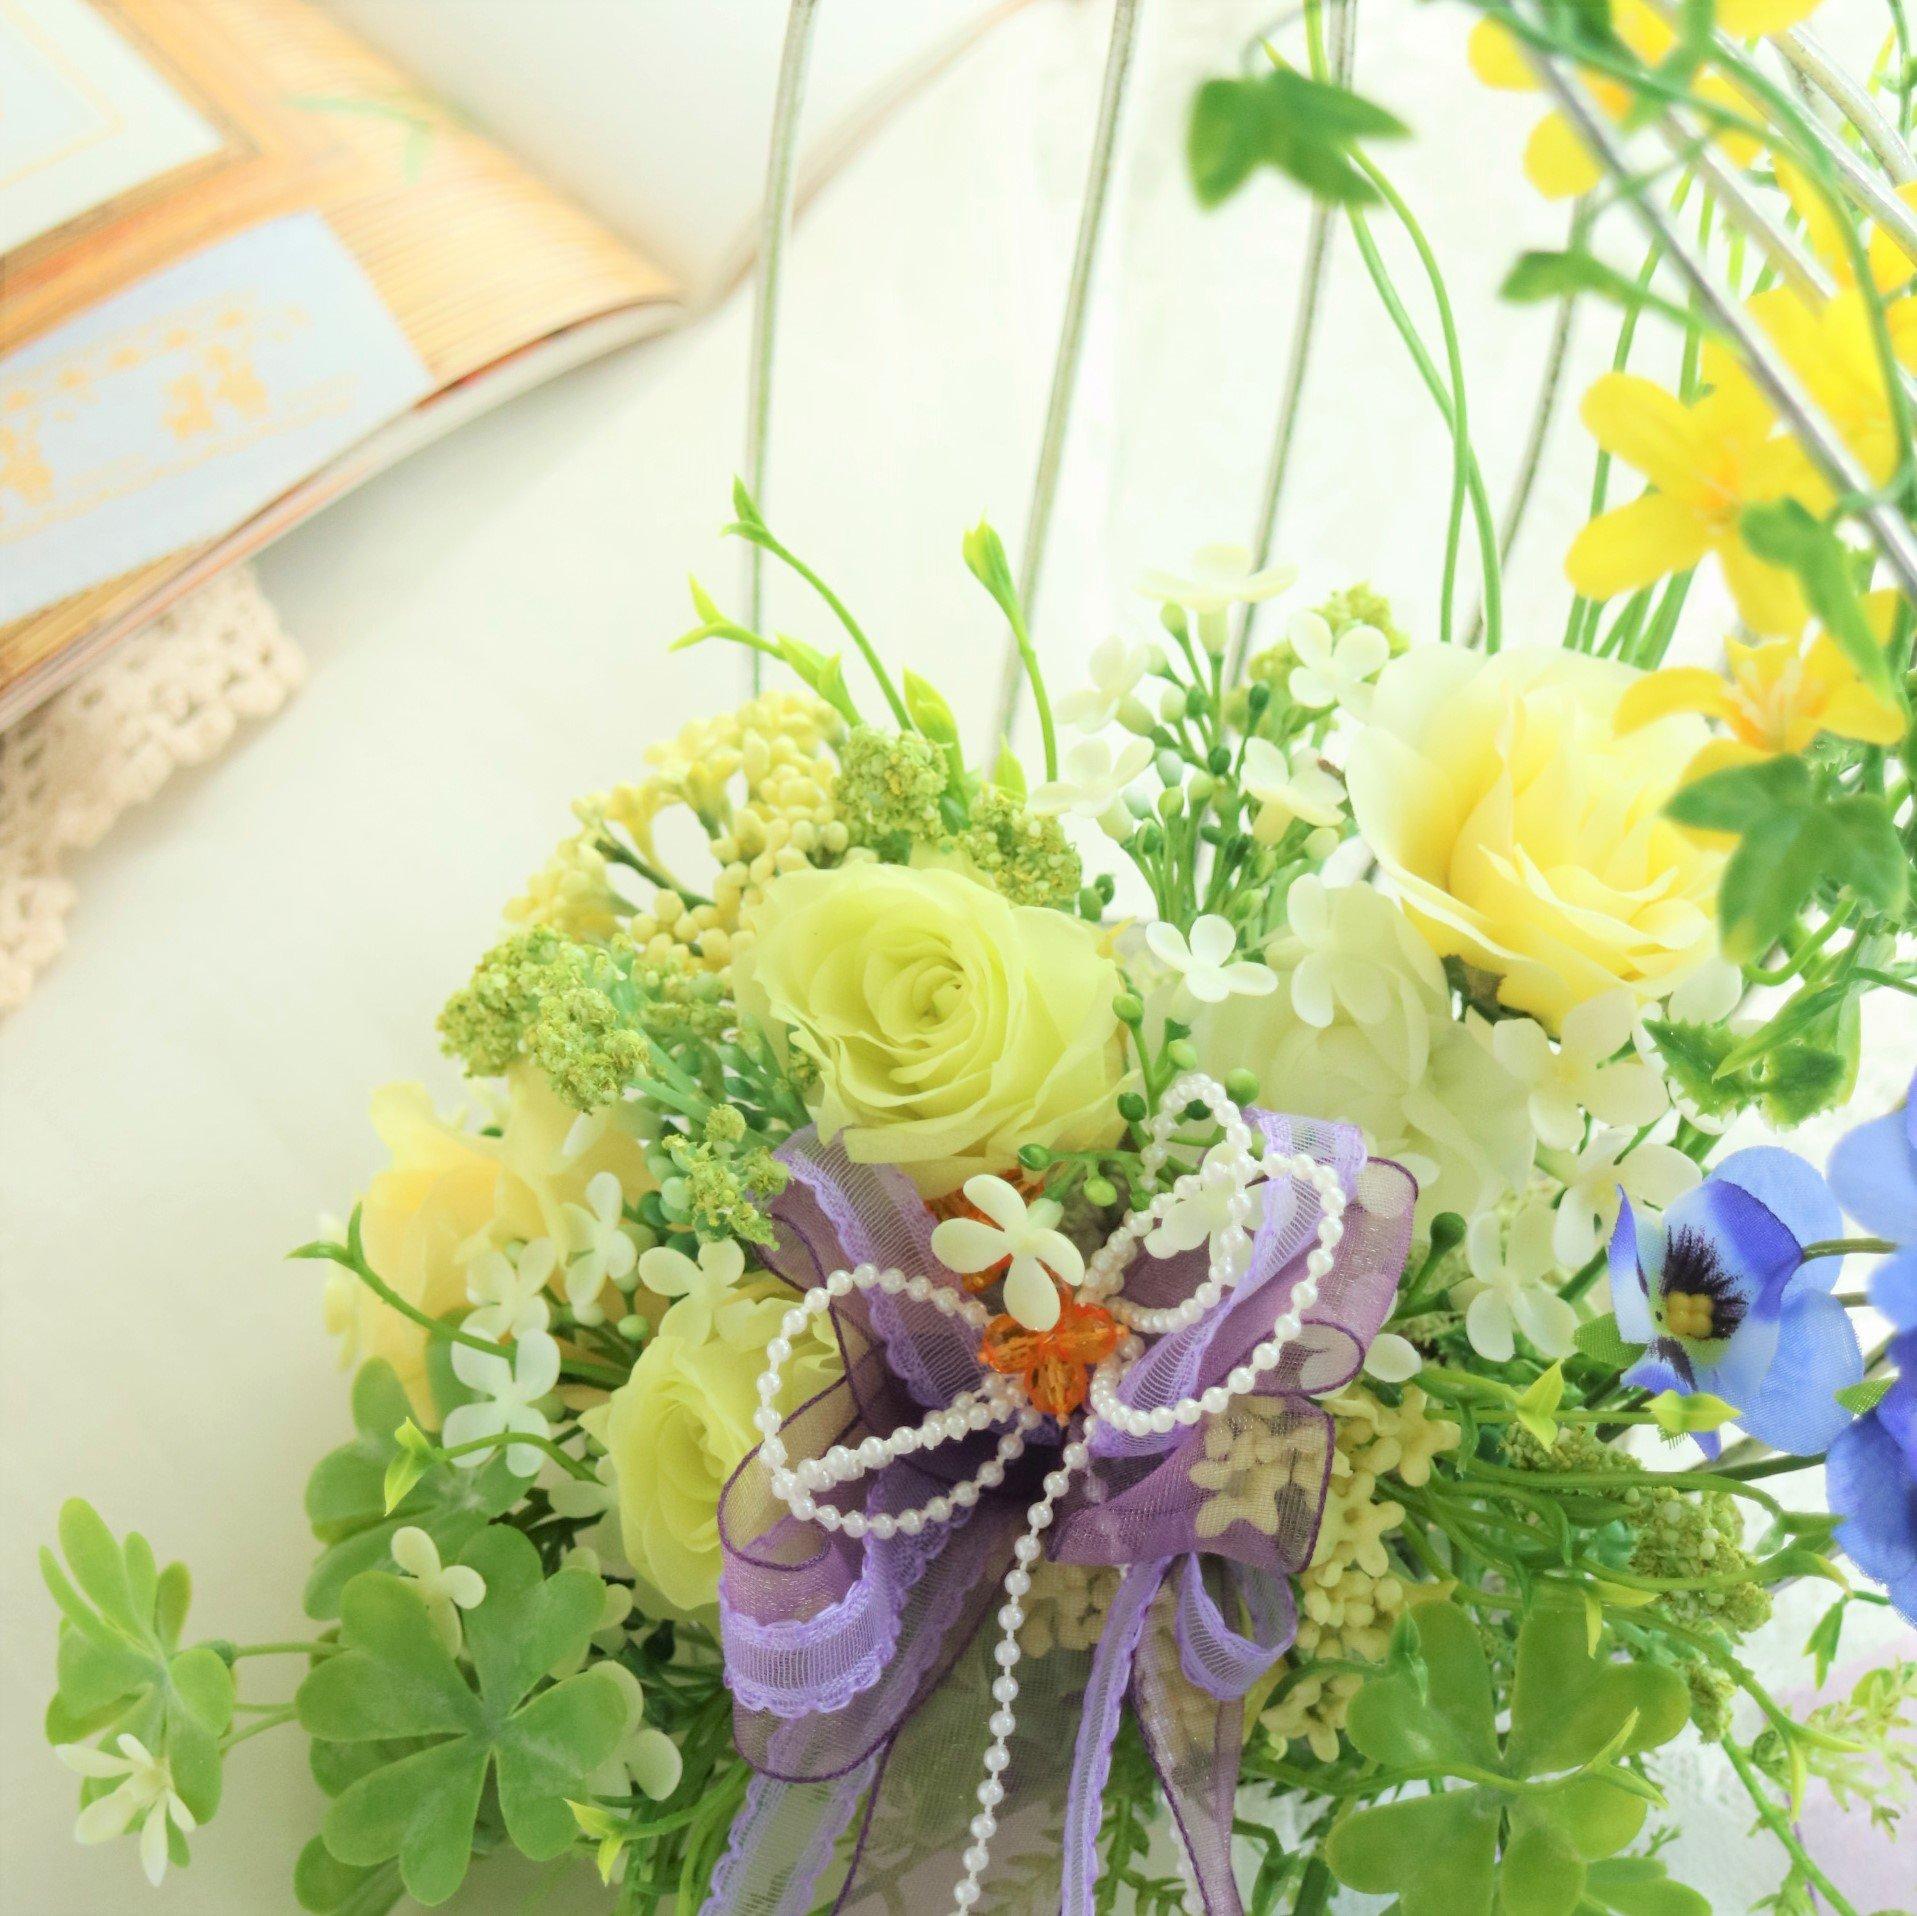 【2021年1月レッスン】春色の花摘みアレンジ 東京 八王子 フラワーギフト&レッスン スターリリーフラワーズレッスンチケット(お支払は現地払いのみ)のイメージその2